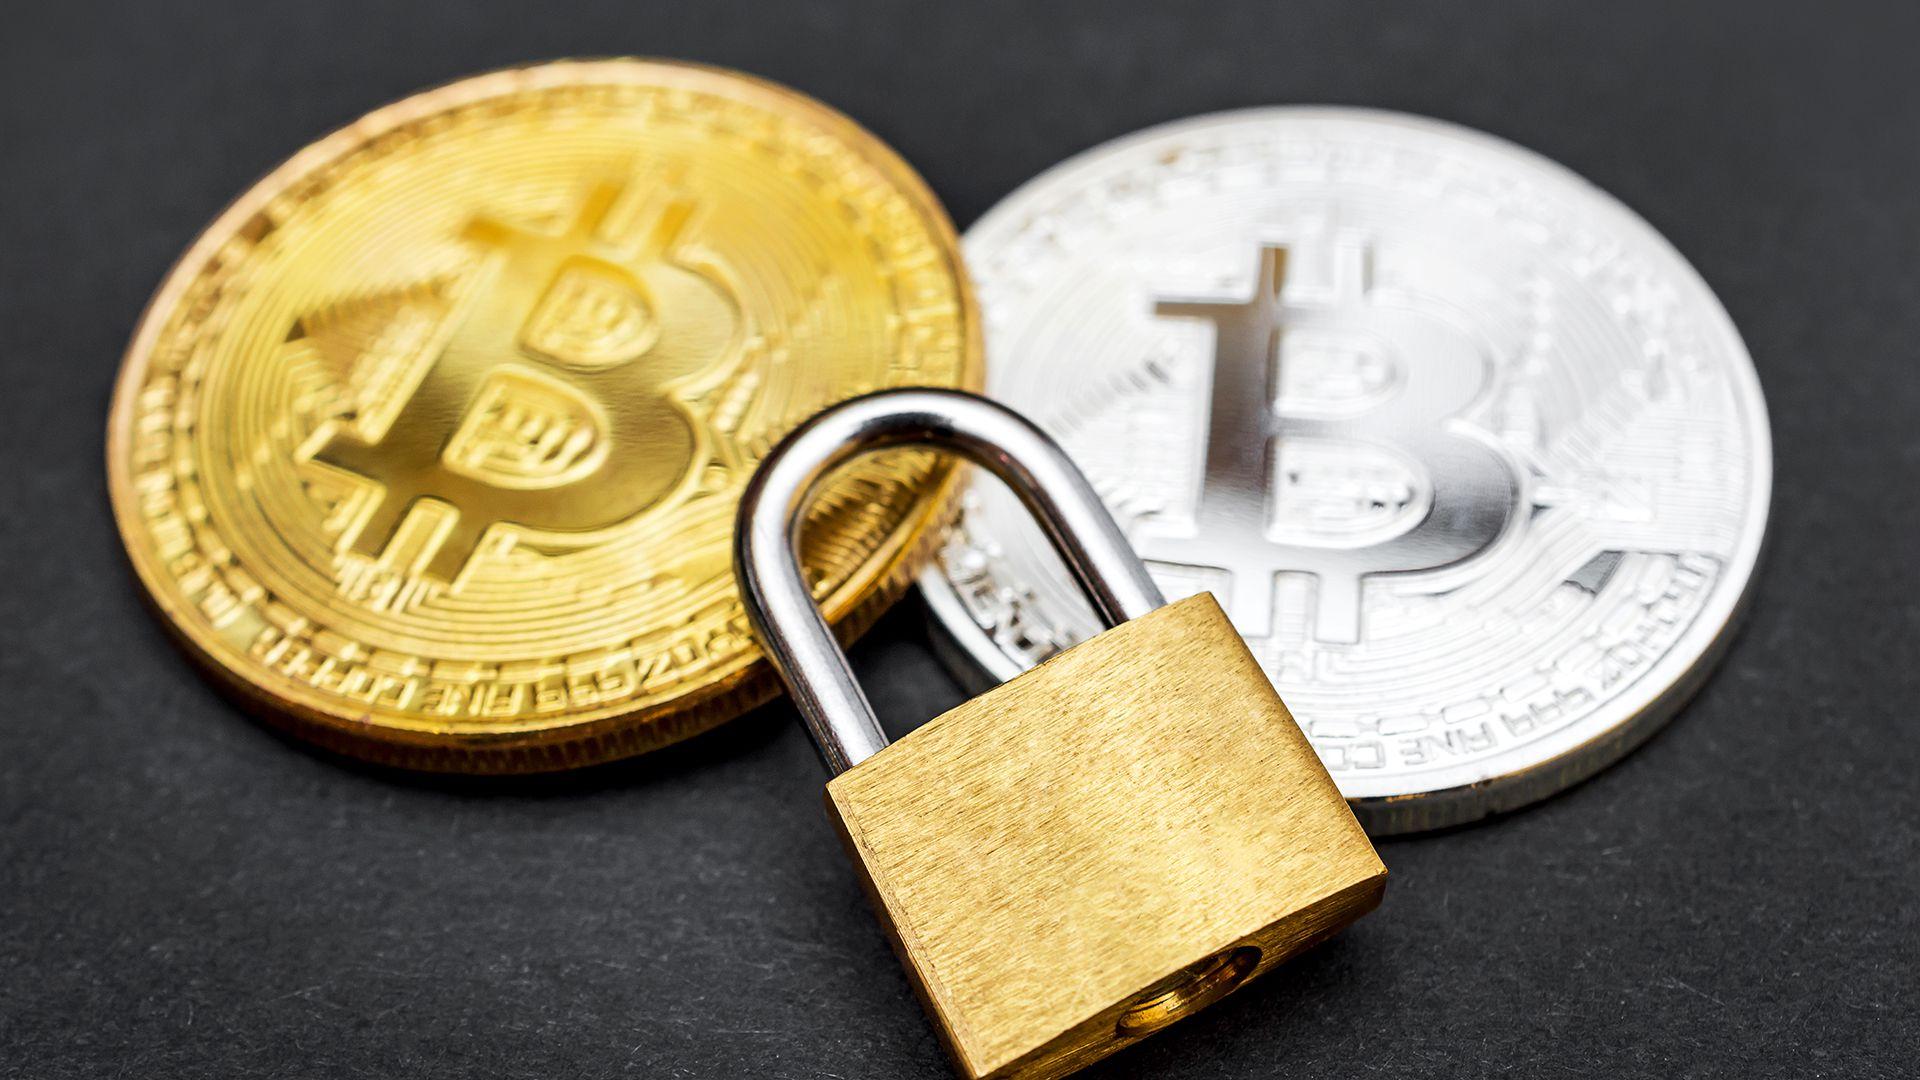 Wallet Recovery Services, una empresa que ayuda a encontrar claves digitales perdidas, dijo que en el último tiempo recibió el triple de consultas que hace un mes